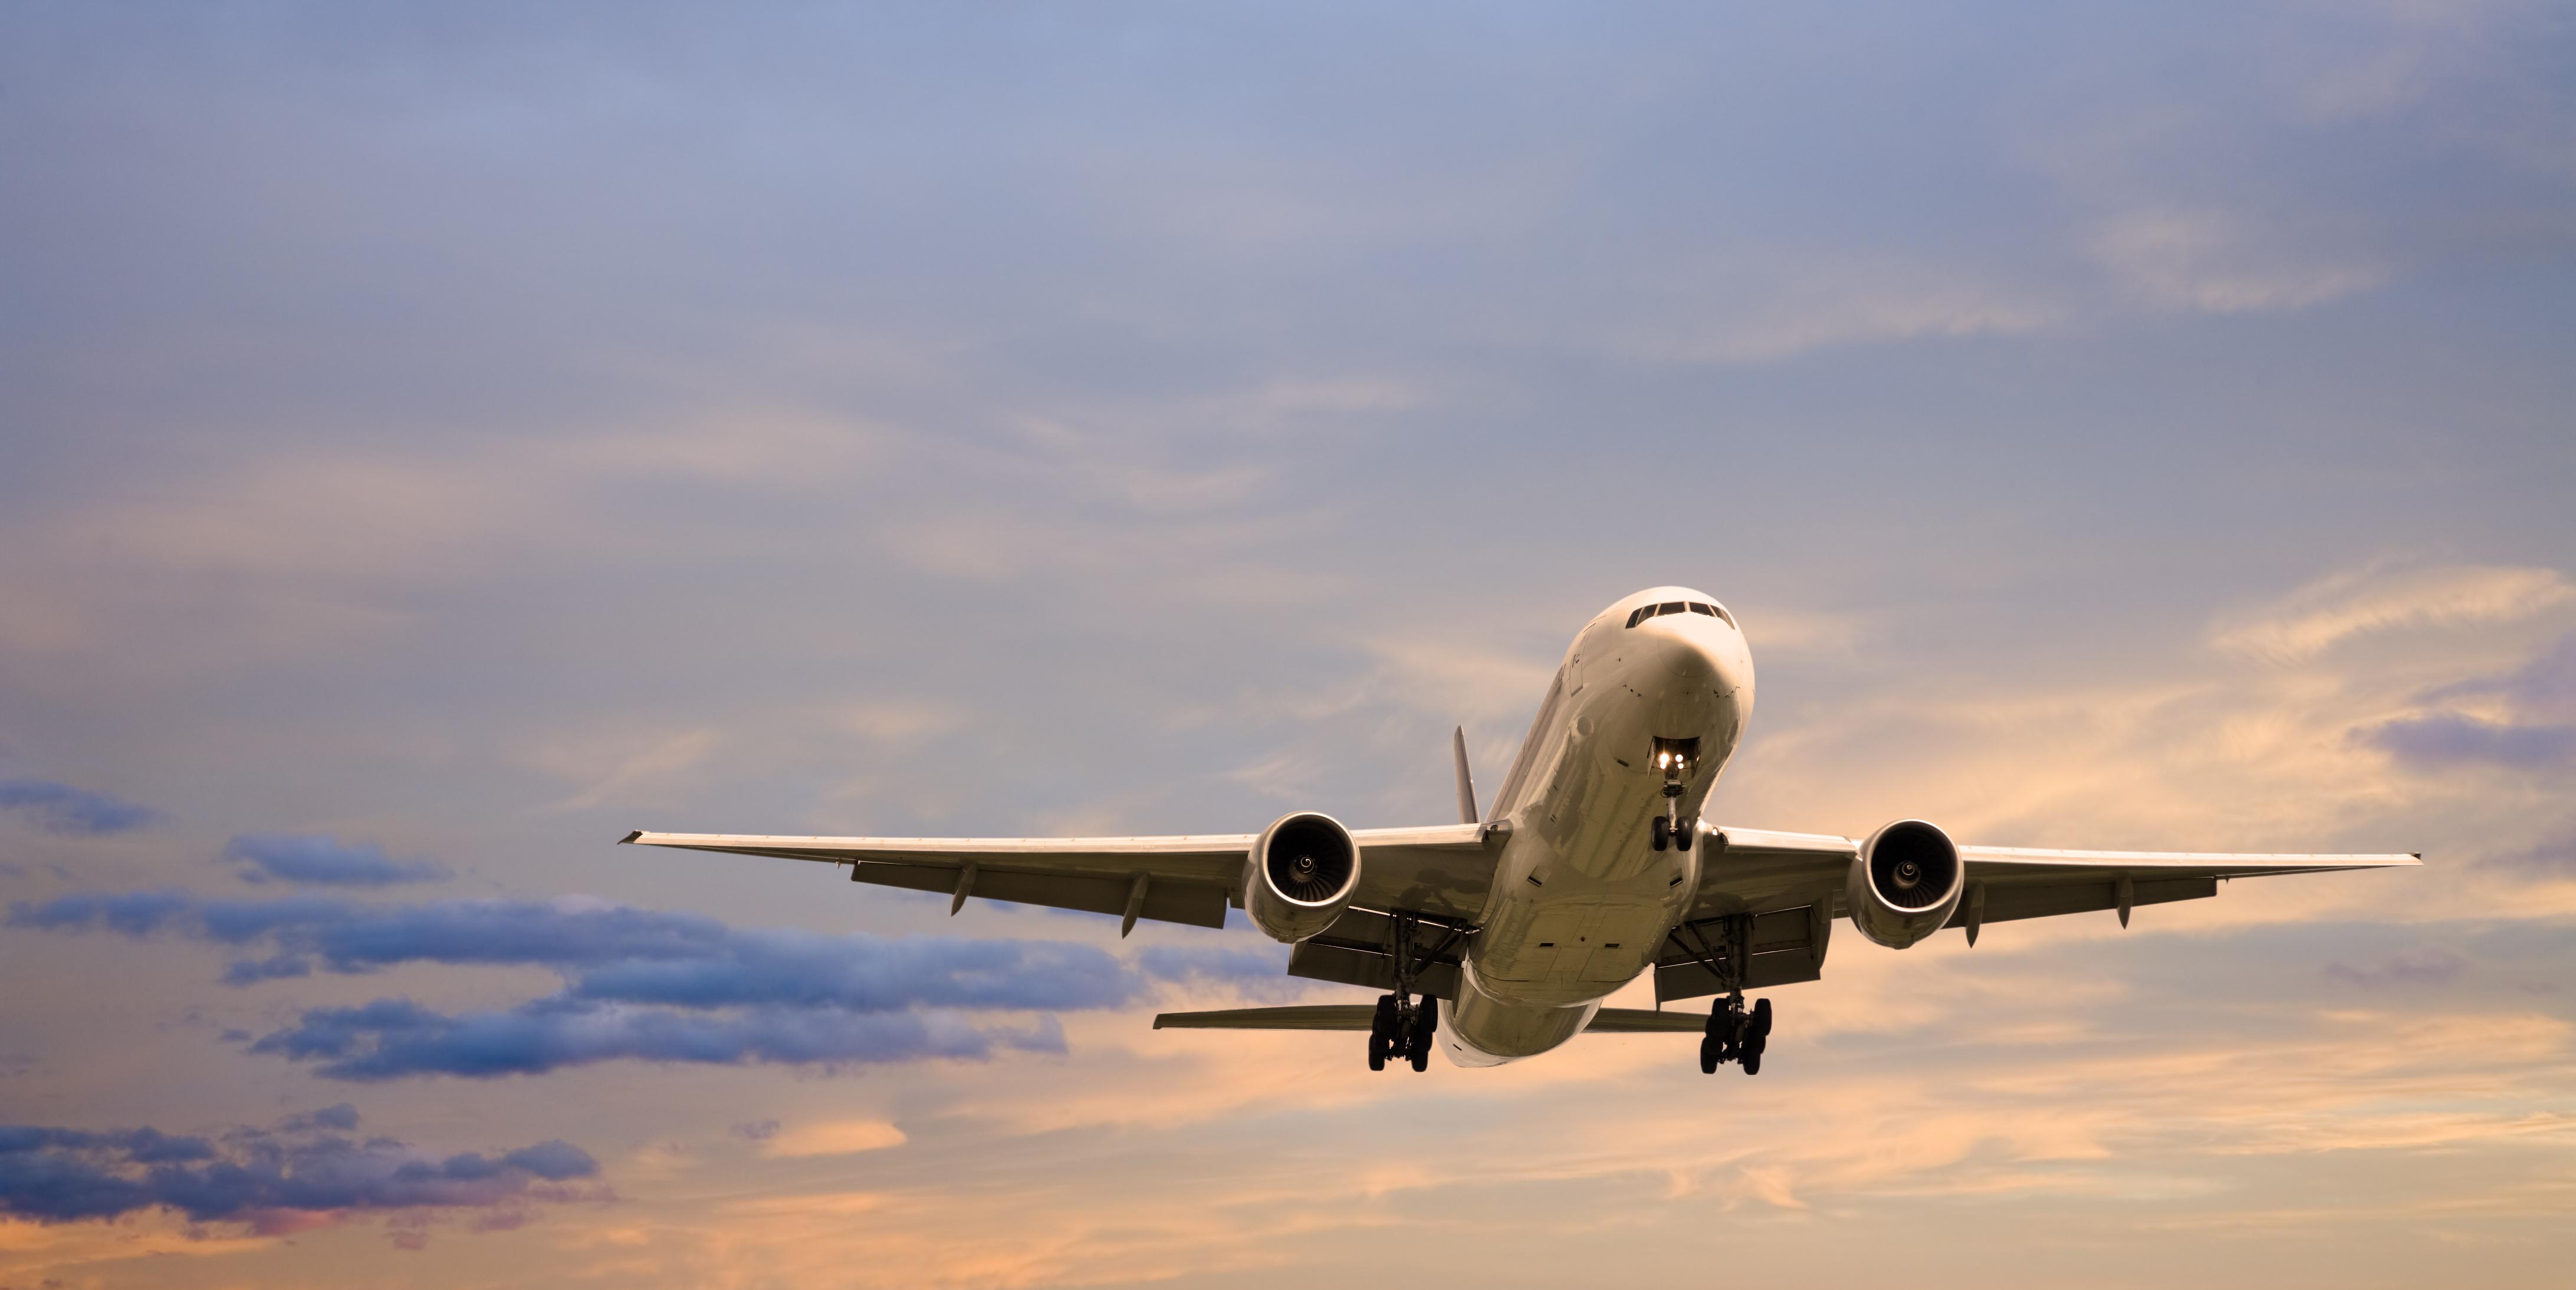 A Boeing plane in flight.